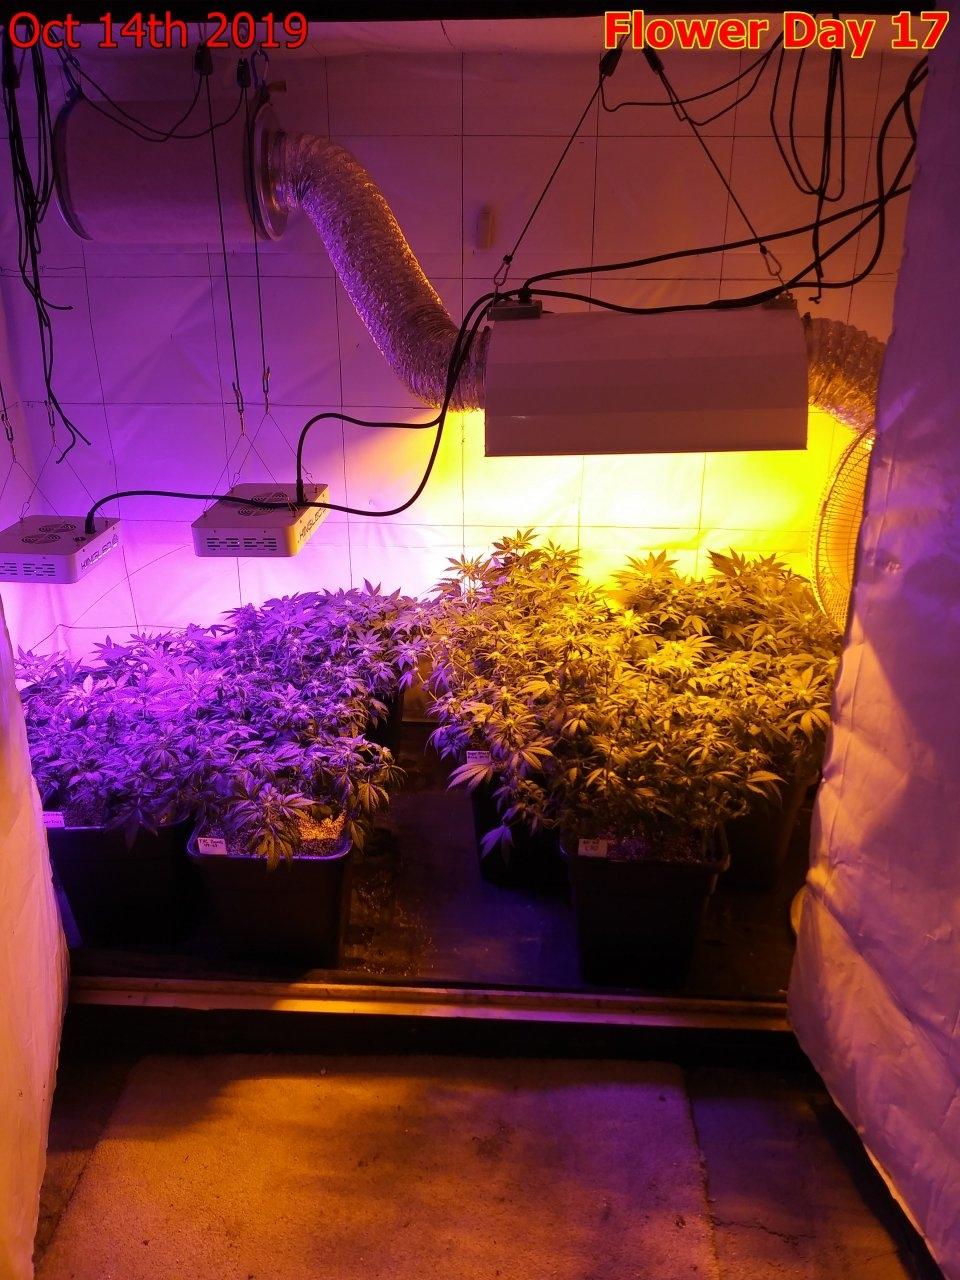 Room View 3.jpg